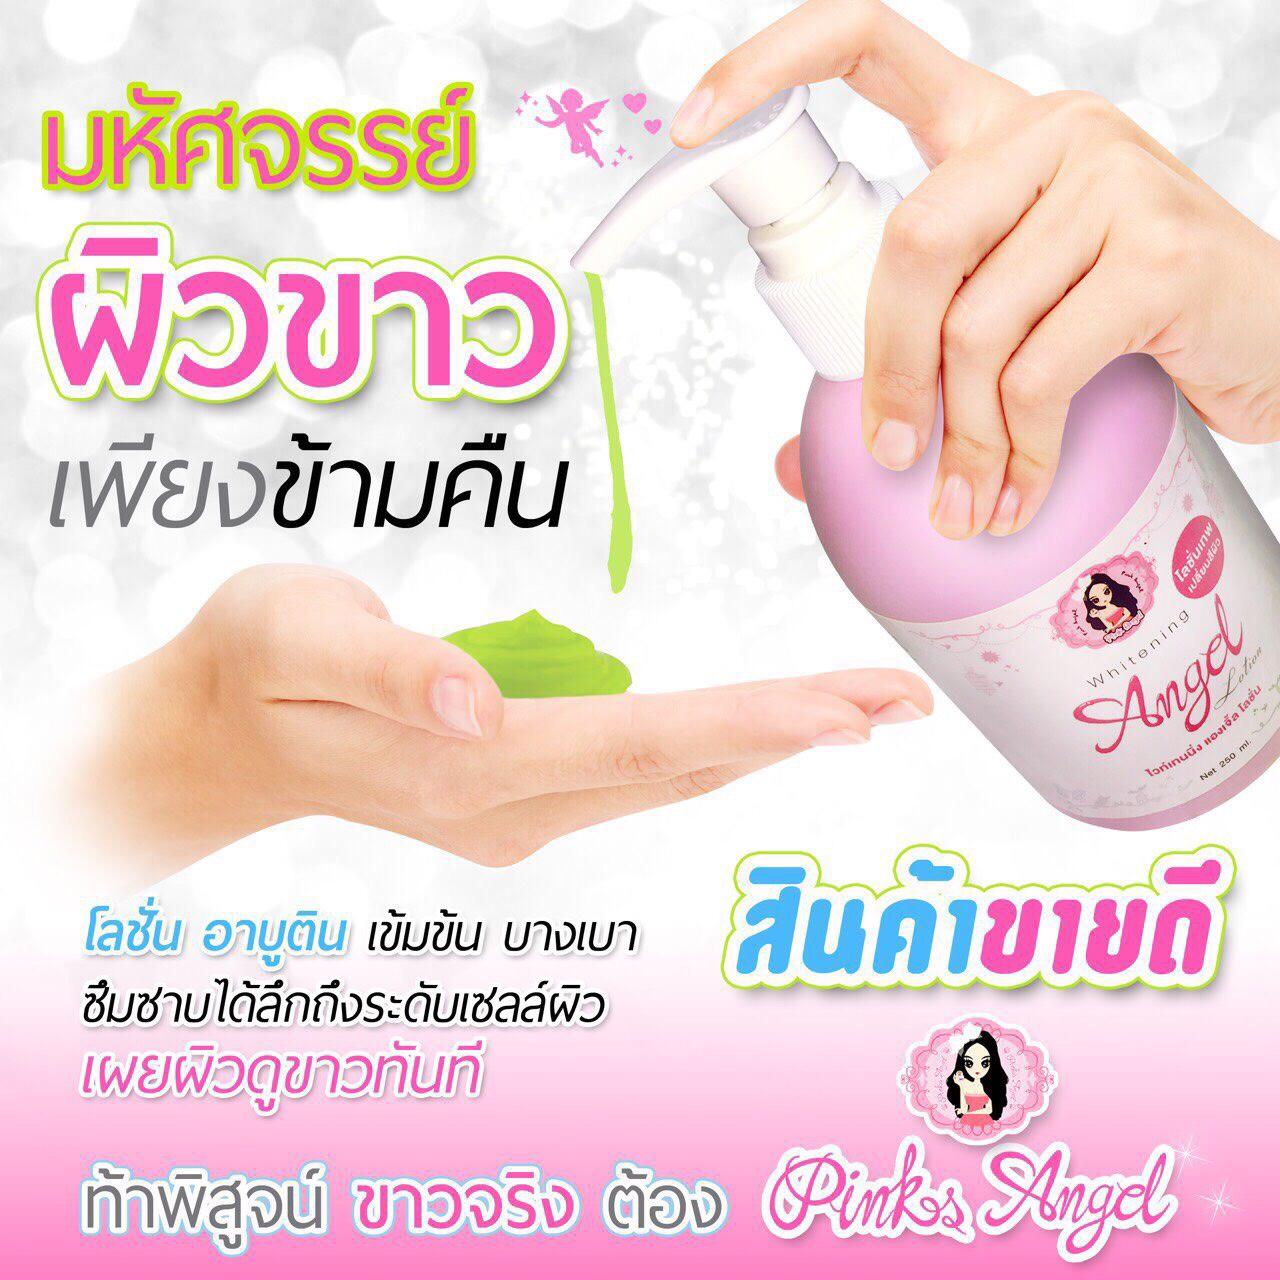 โลชั่นเทพ พิ้งแองเจิ้ล - Whitening Angel Lotion Pink Angel Lotion ขนาด 250 ml.